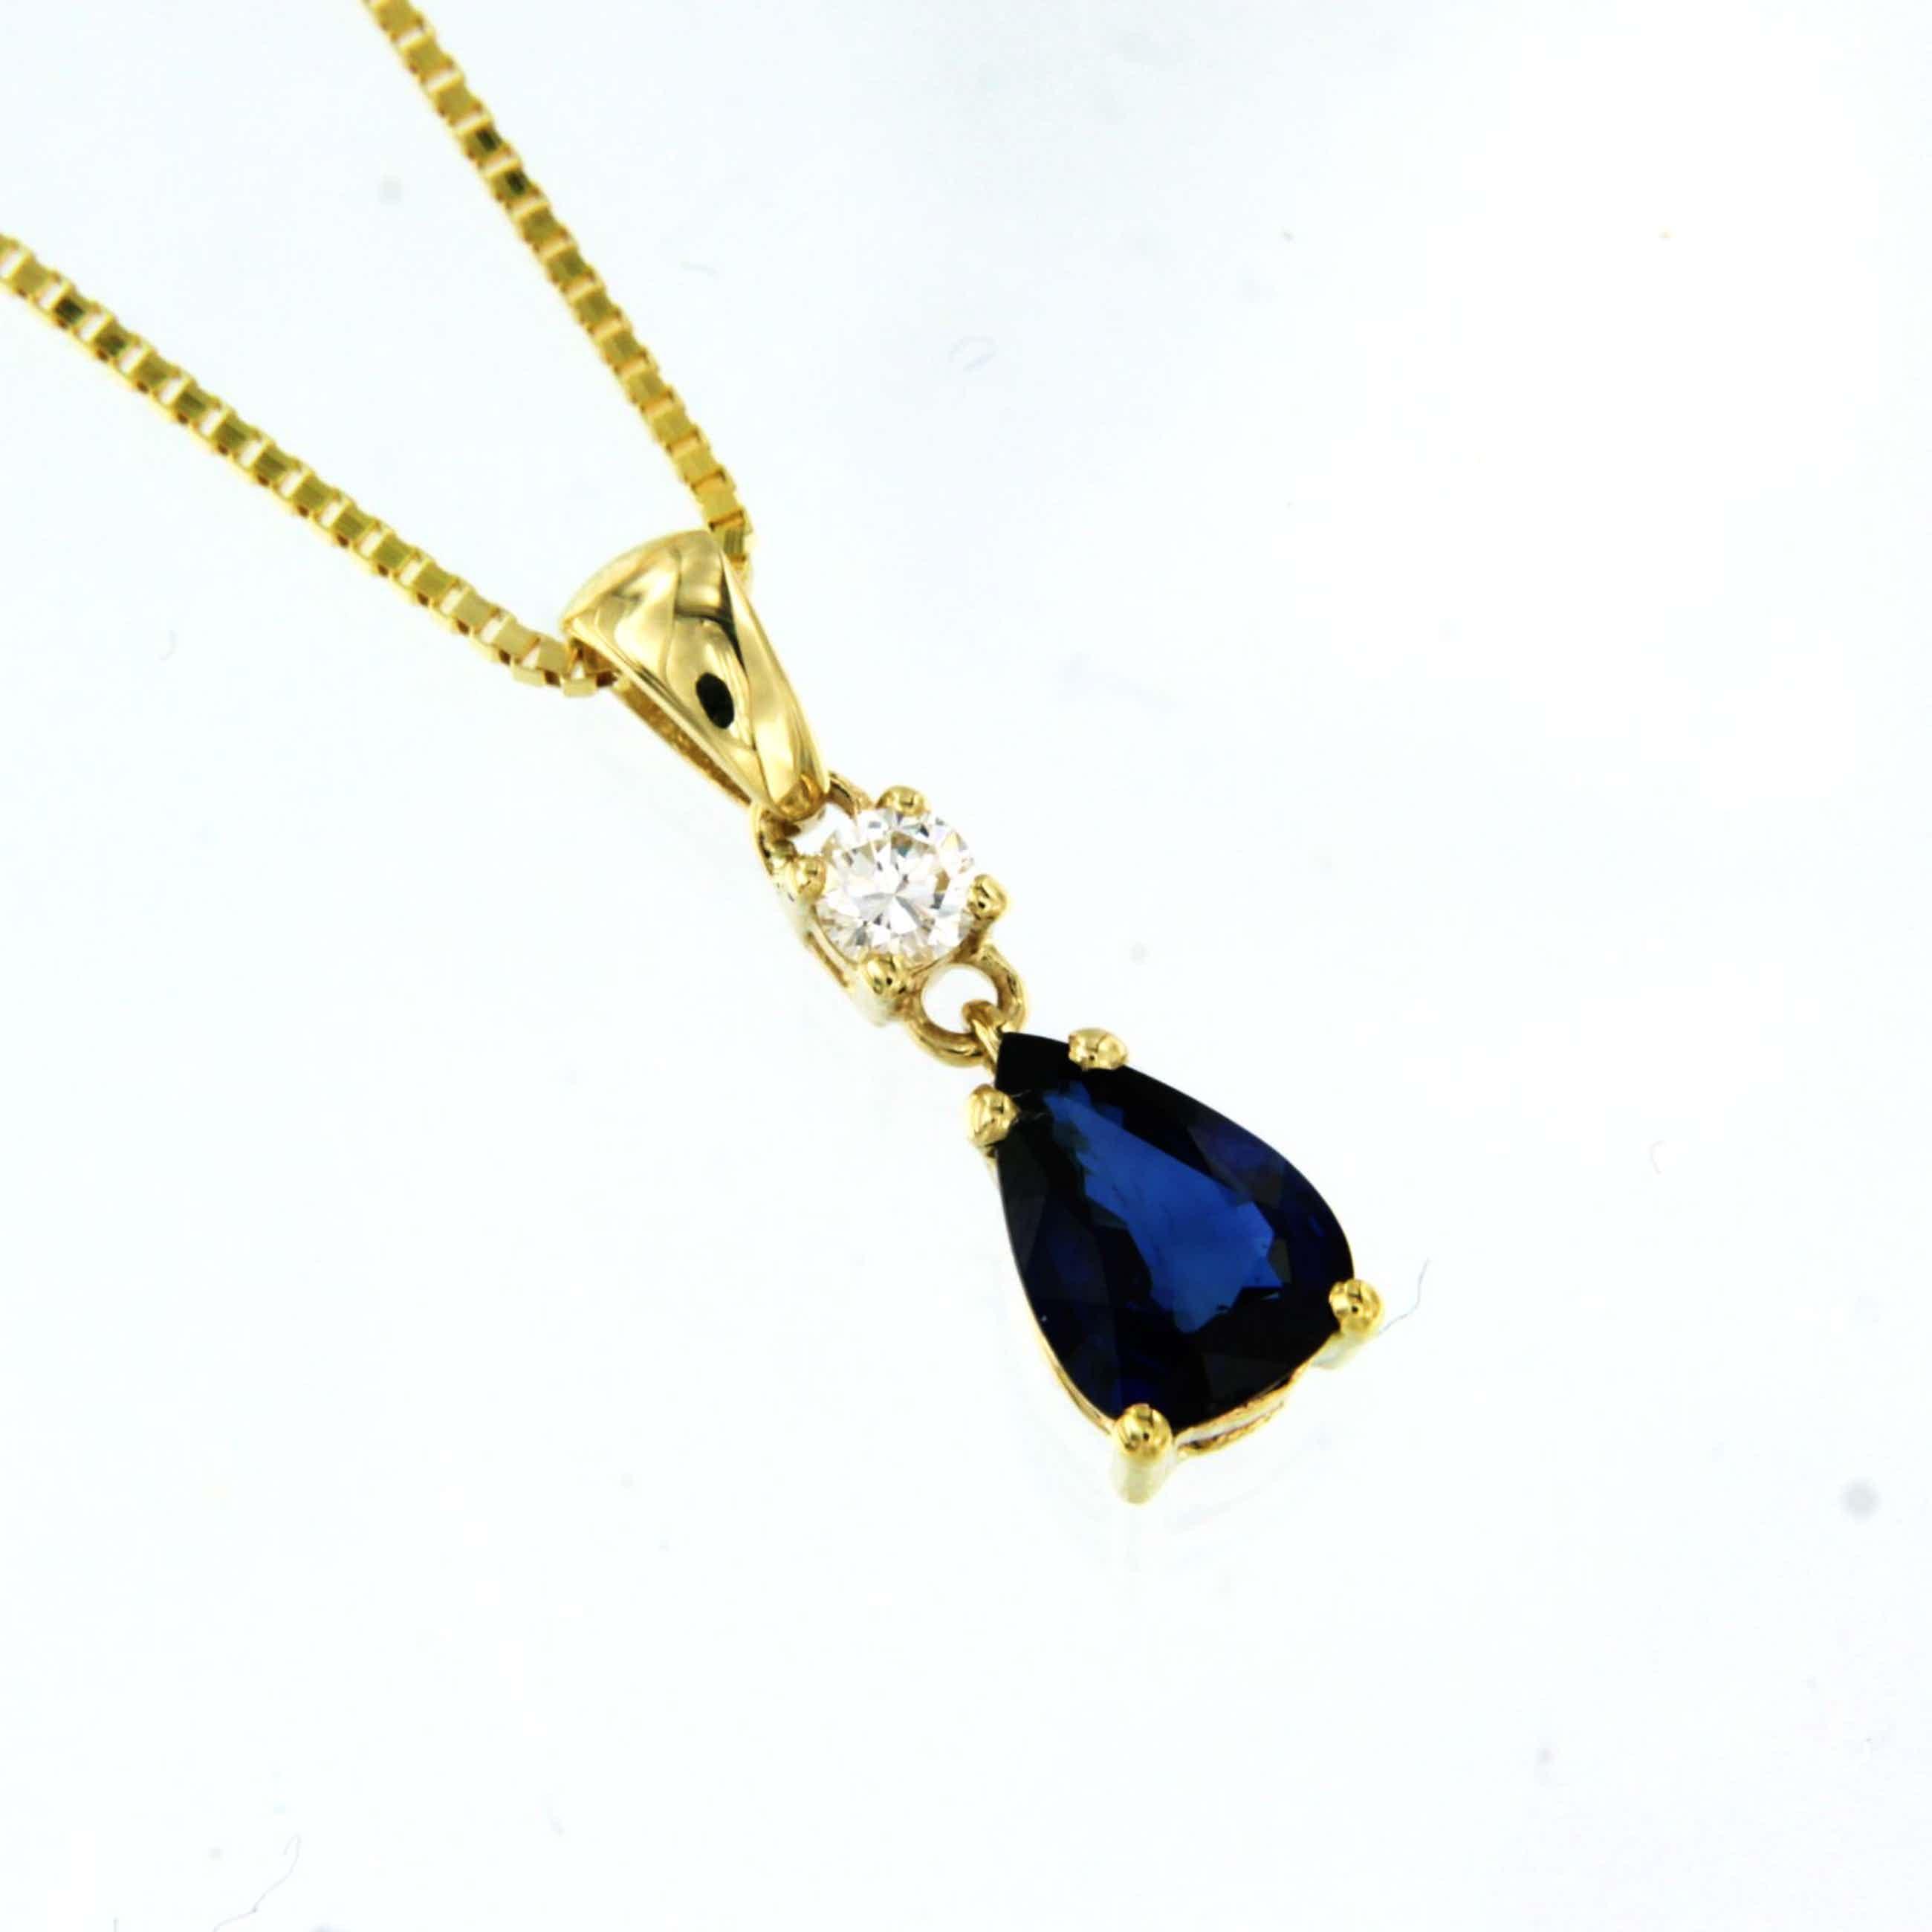 14K Goud - geelgouden collier met saffier en diamant kopen? Bied vanaf 205!